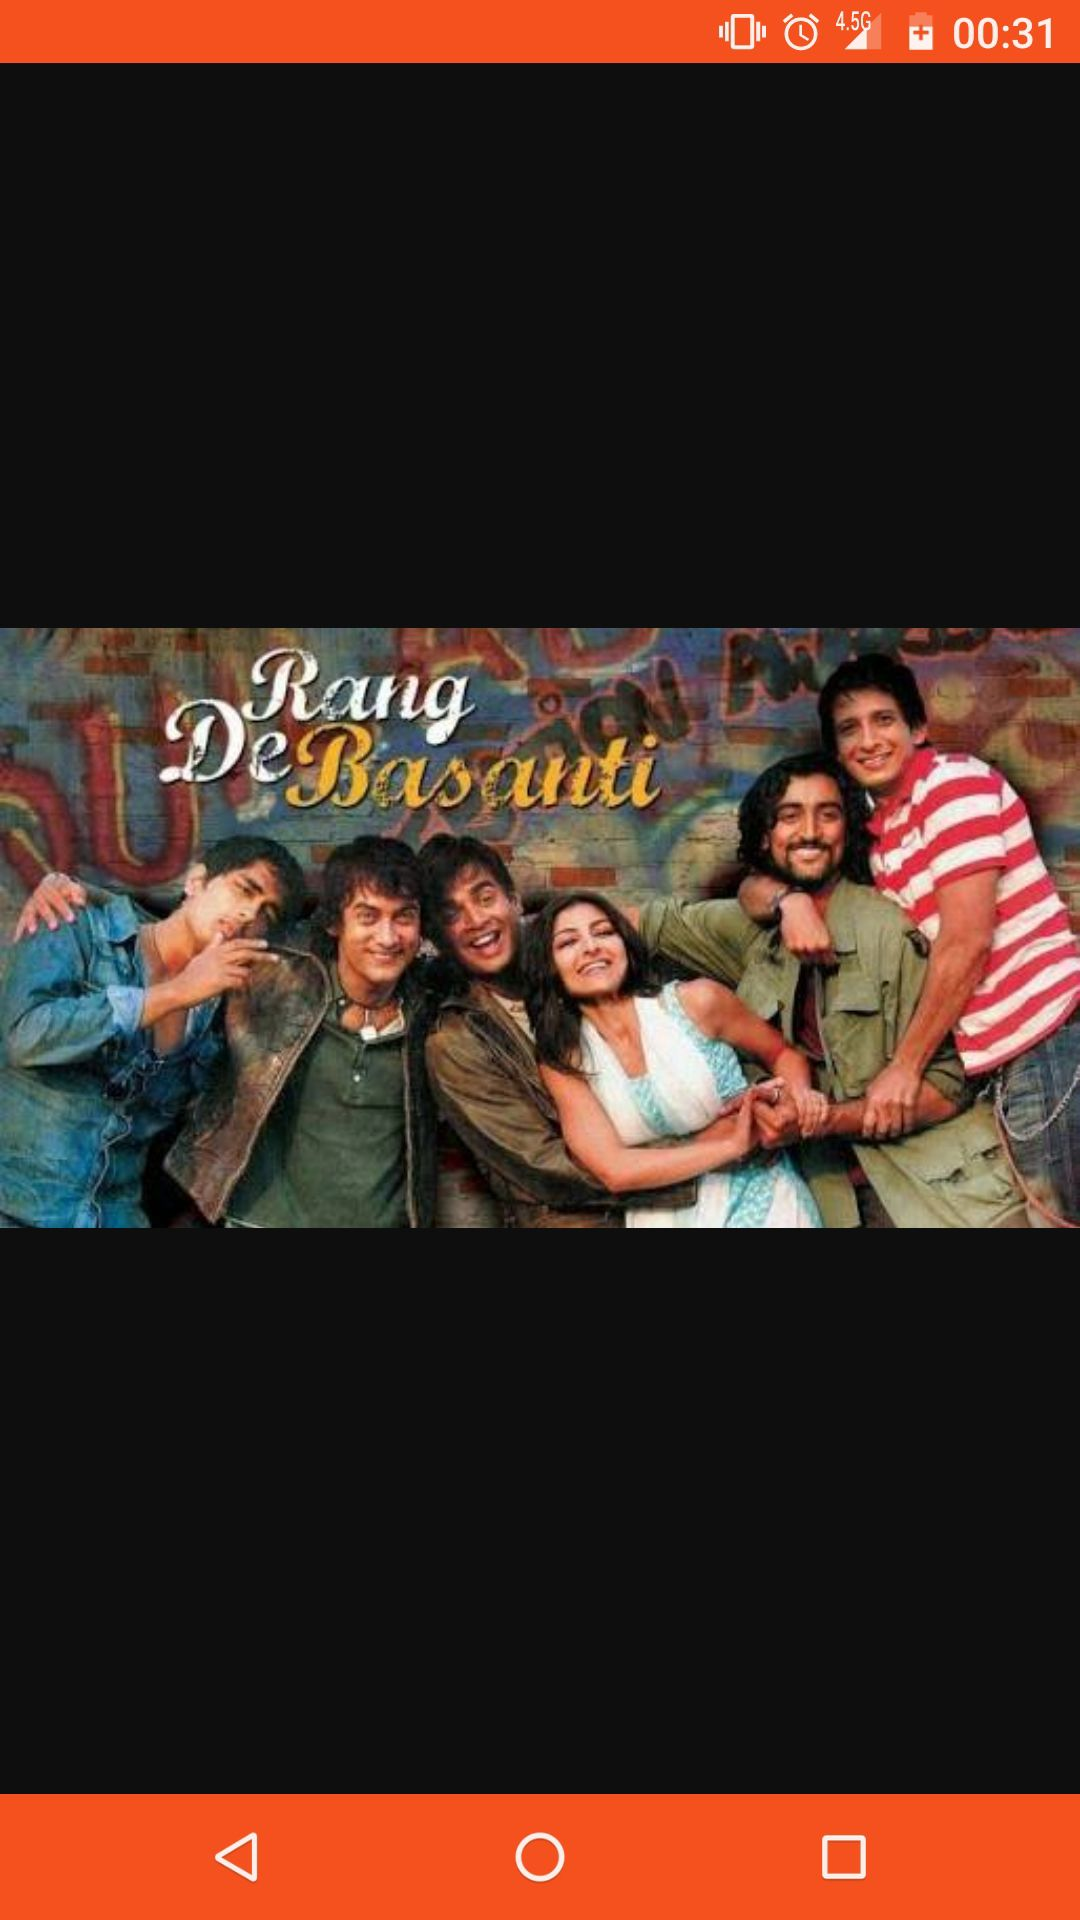 Hindistanın ünlü Filmleri Rang De Basanti Onu Sarıya Boya Wattpad